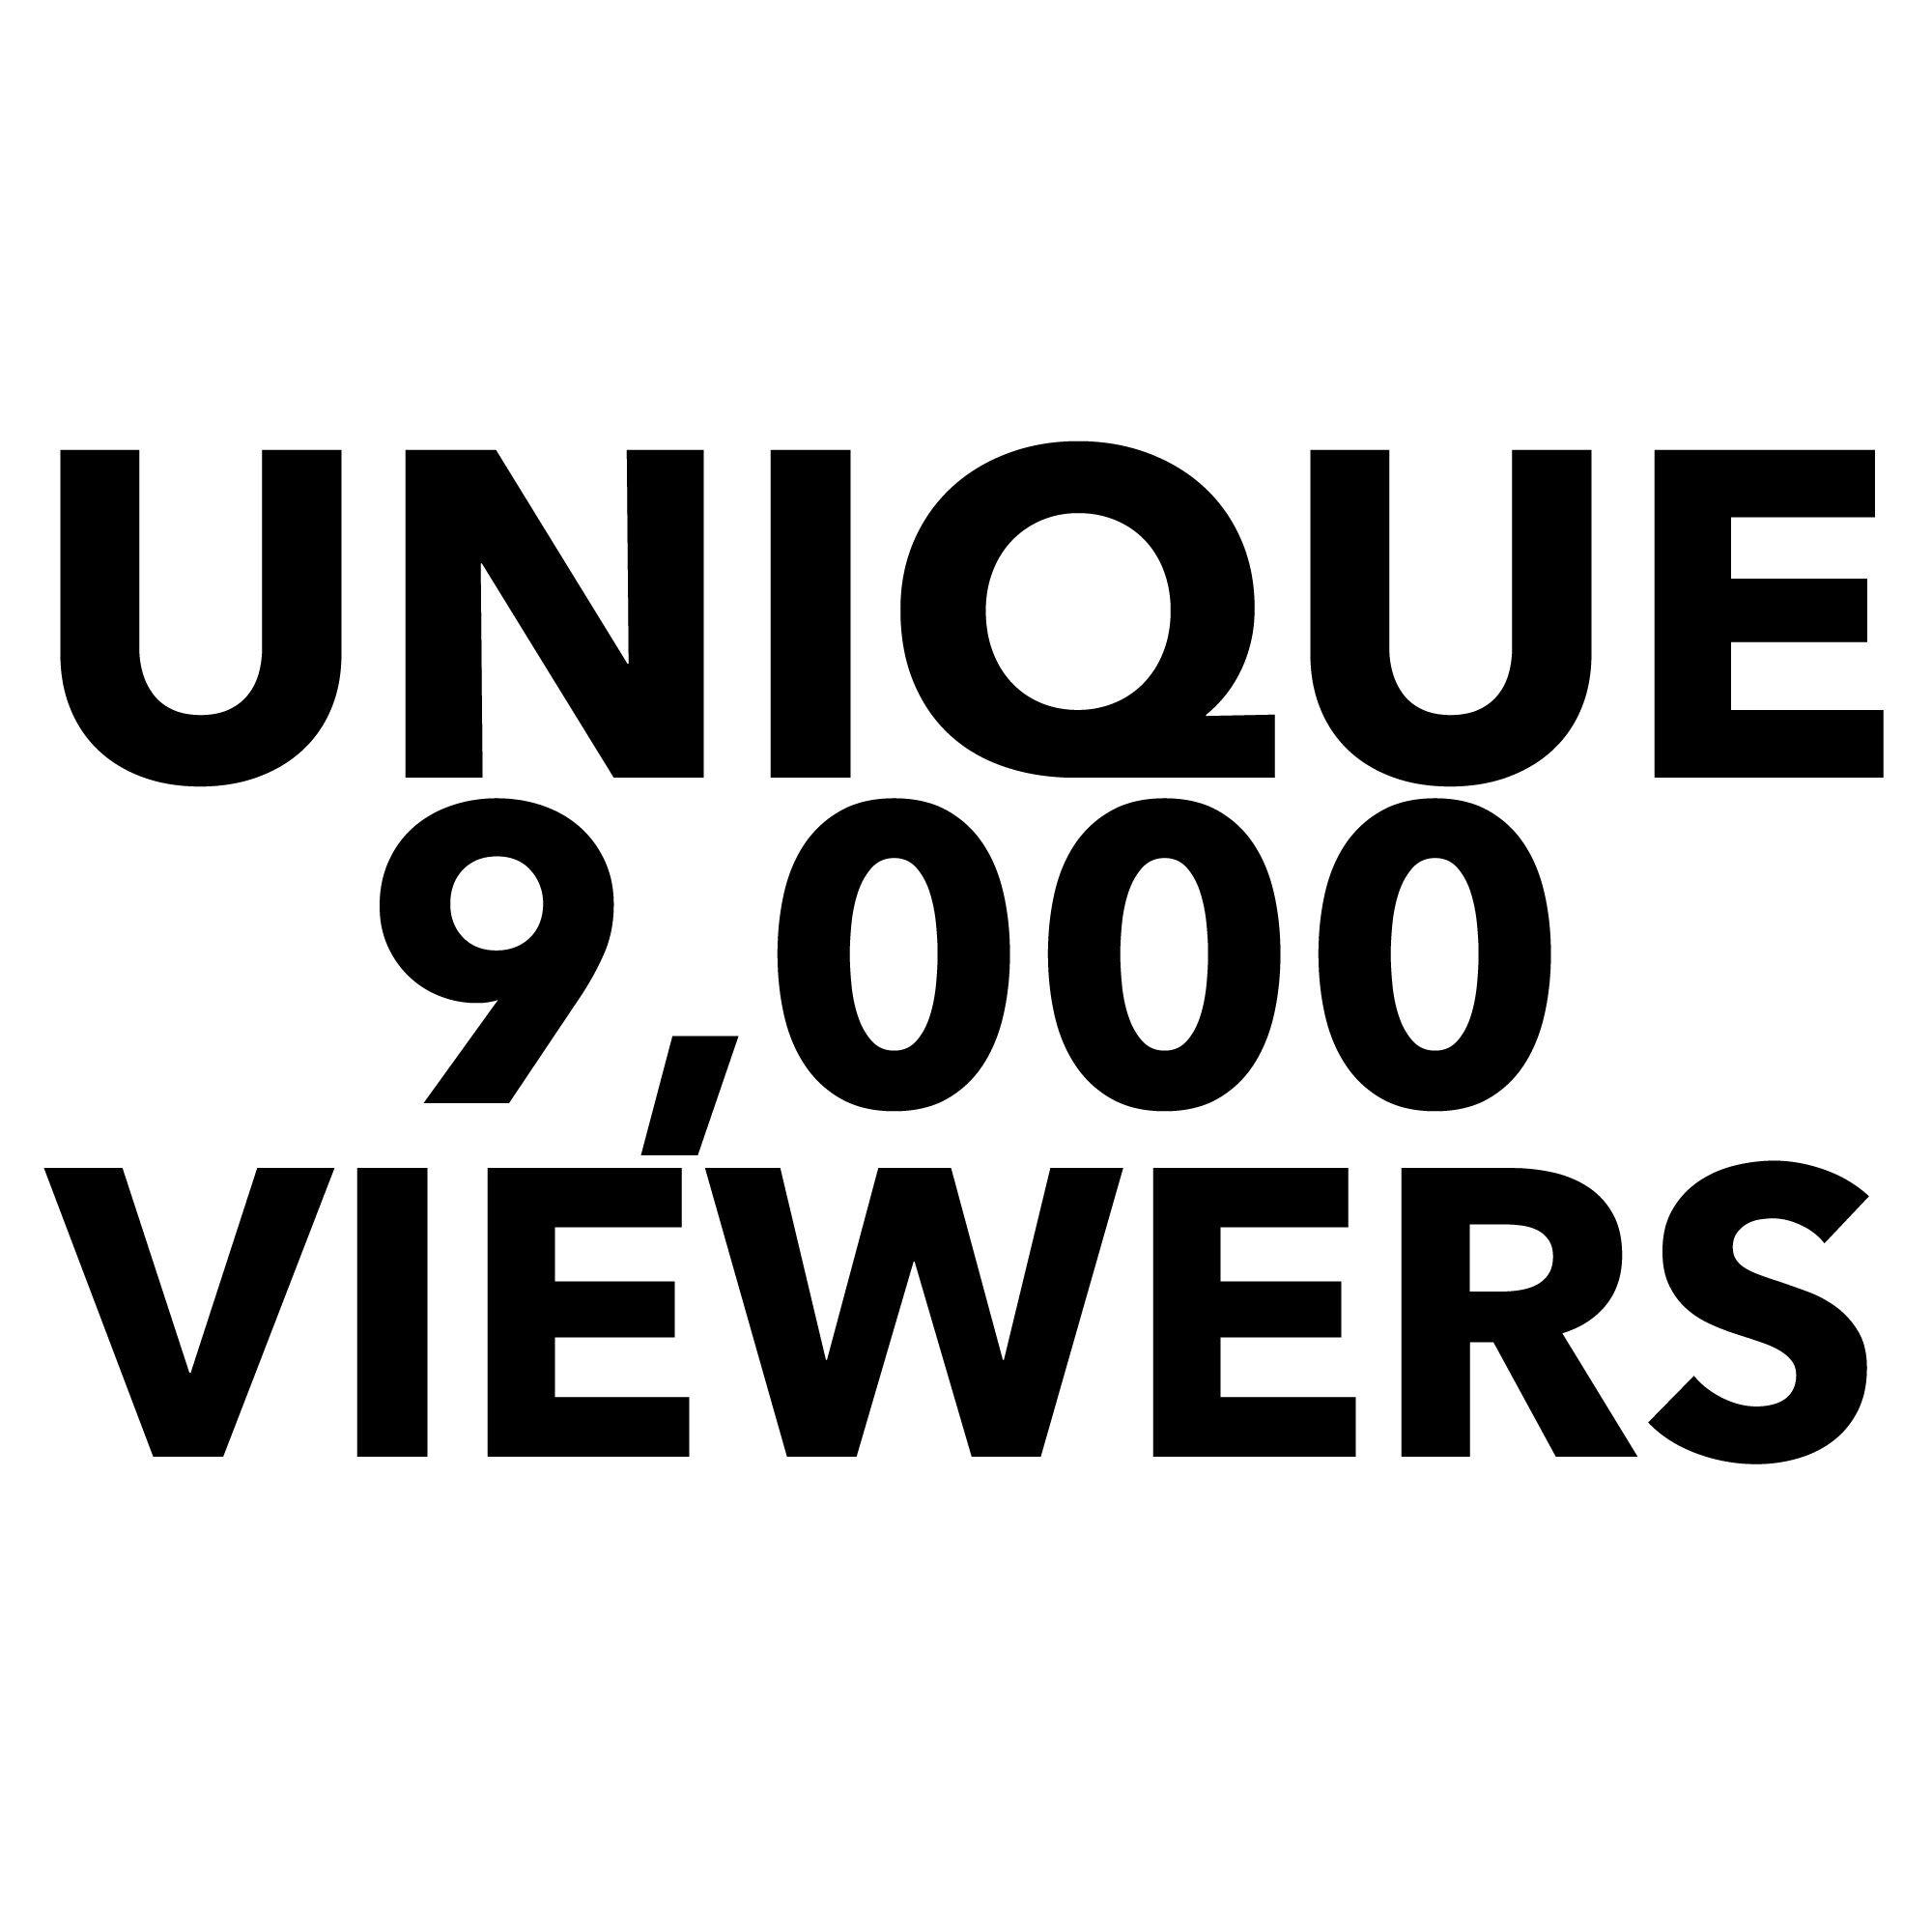 9000 Unique Visitors To Your Website.